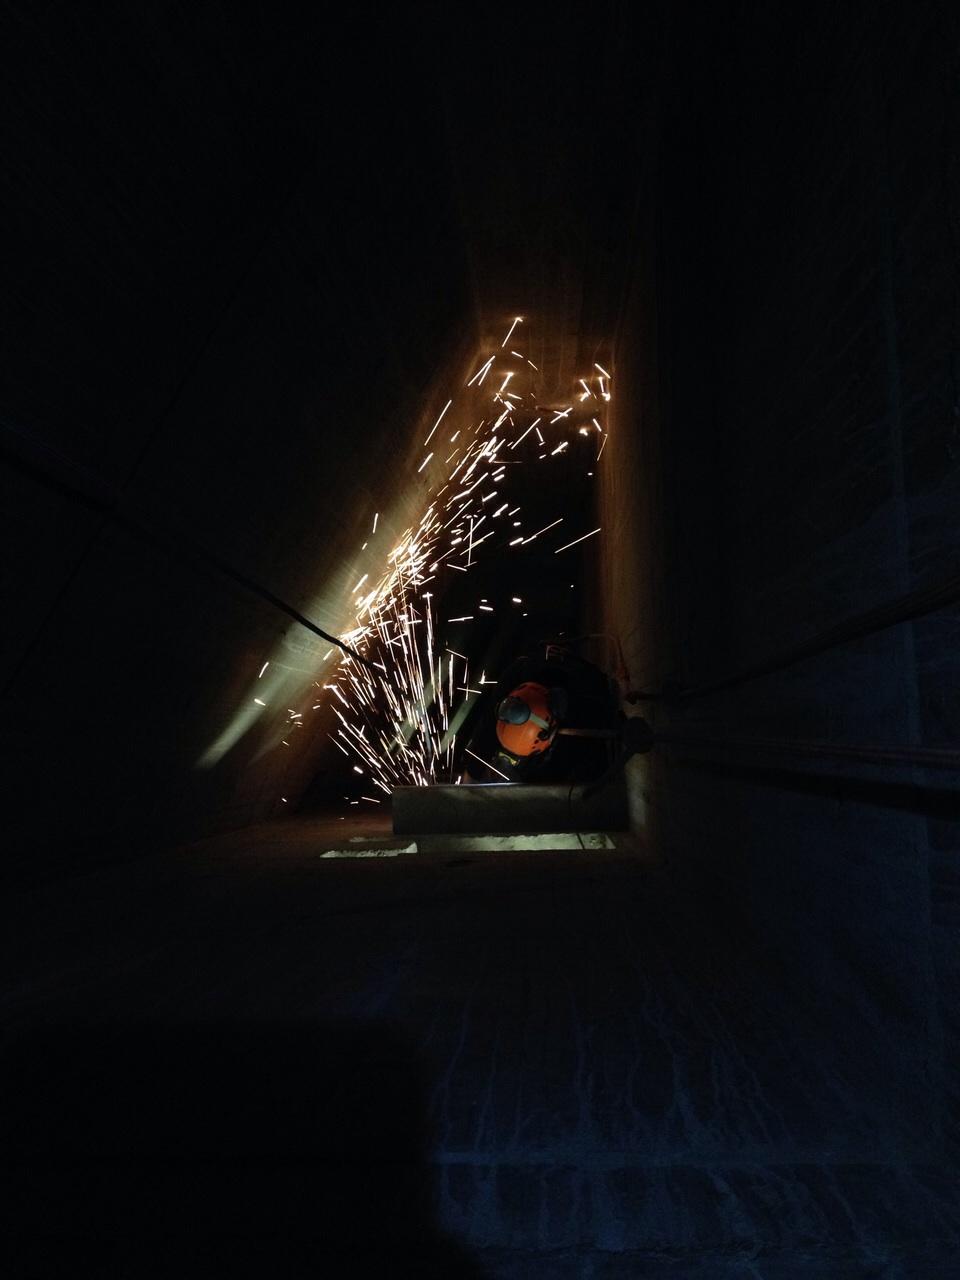 Arbeit mit der Flex in einem dunklen Schacht